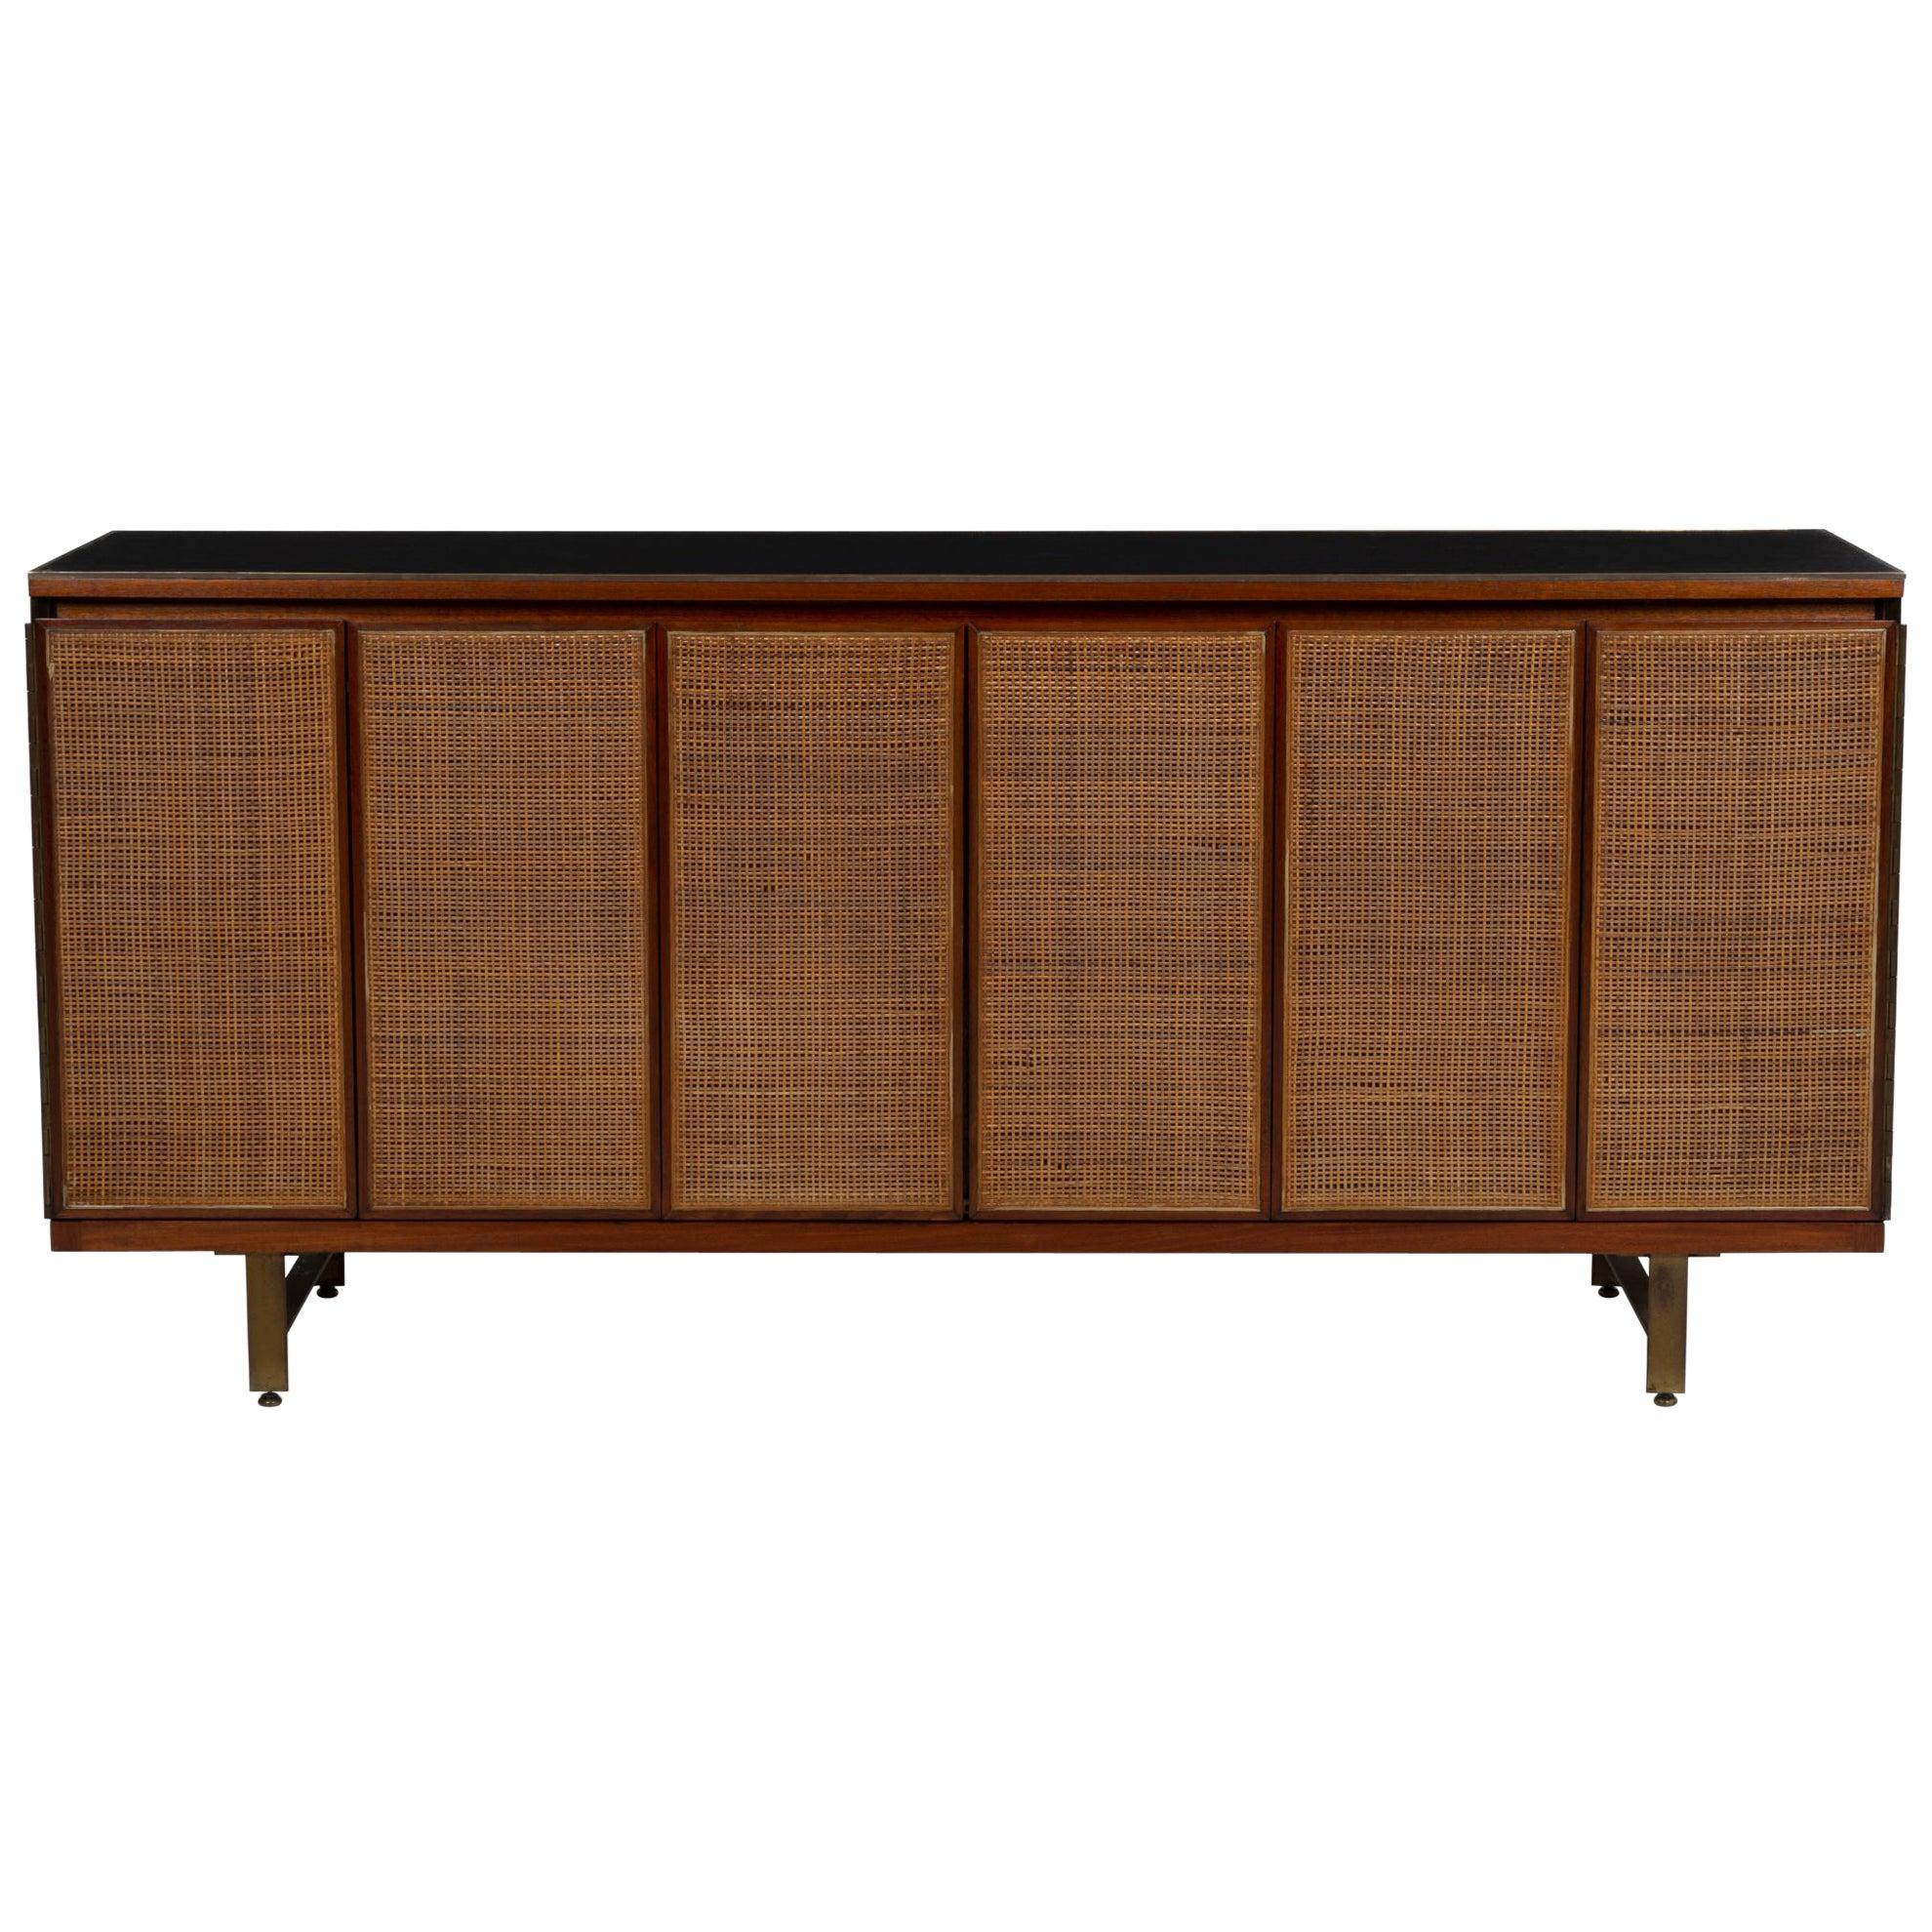 Paul McCobb Eight Drawer Dresser for Calvin Furniture